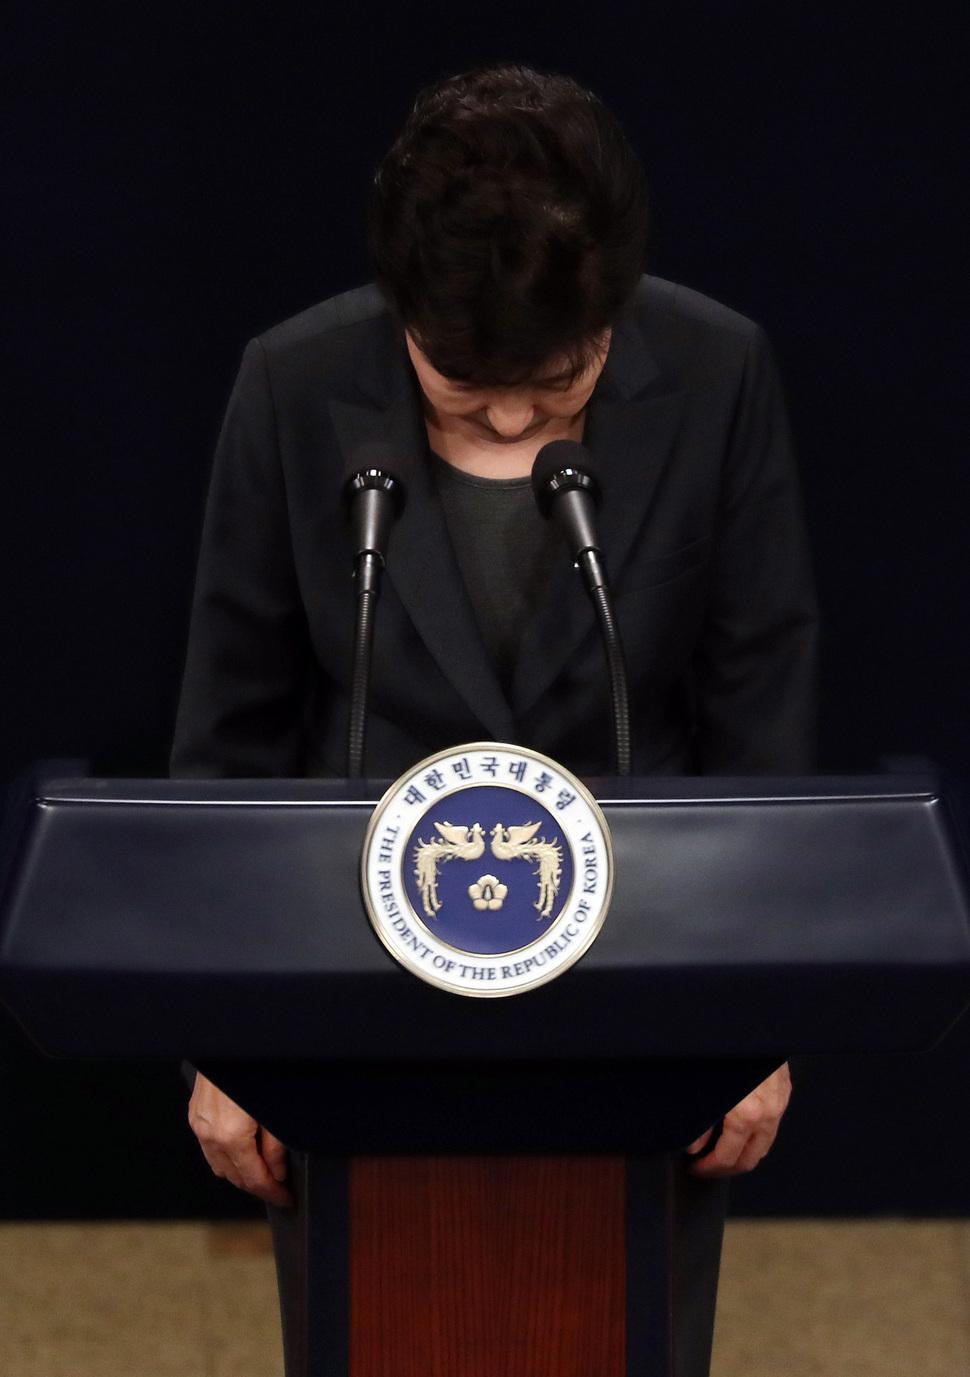 지난해 11월4일 박근혜 대통령(당시)이 청와대 브리핑룸에서 대국민 담화문을 발표하며 고개를 숙여 인사하는 모습. 청와대사진기자단